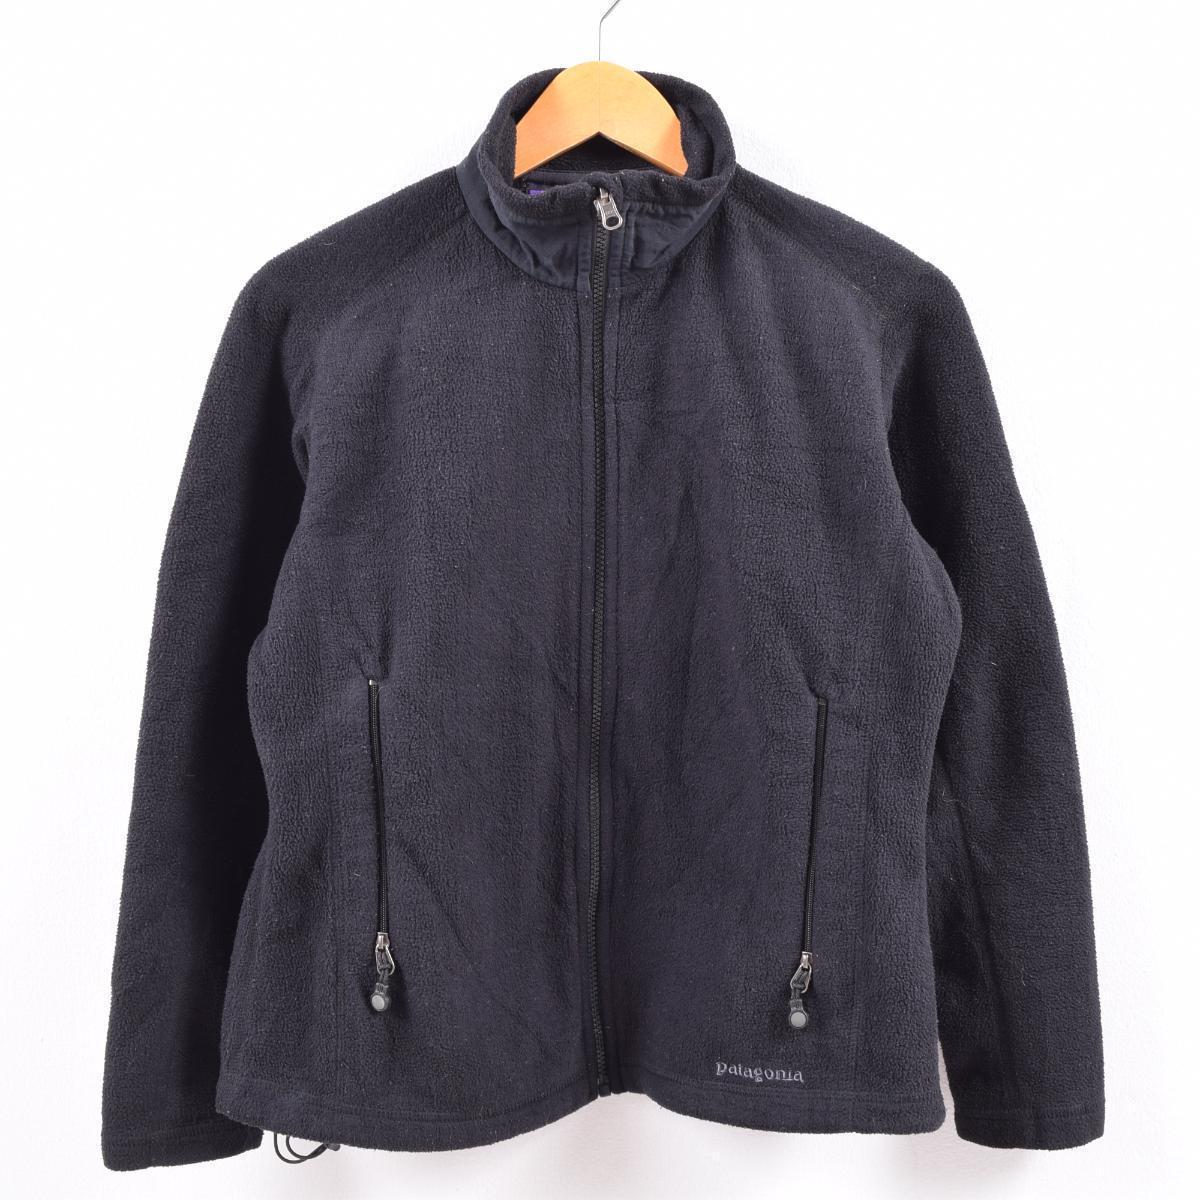 05年製 パタゴニア Patagonia フリースジャケット レディースS /wbj5043 【中古】 【191228】【SS2007】【CS2007】